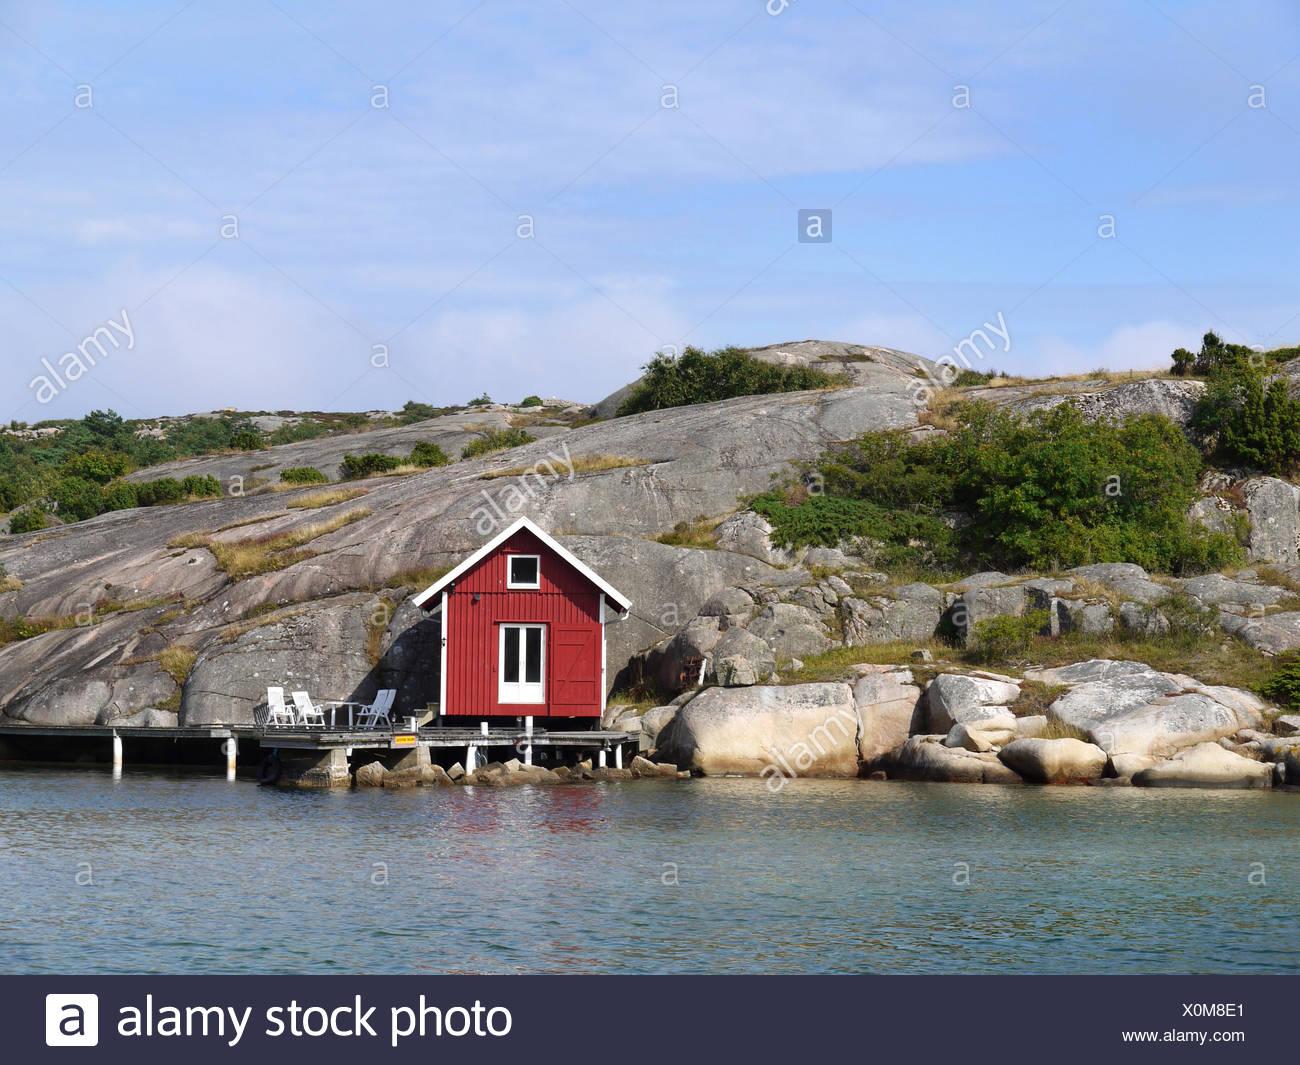 Schweden Rock Brücke Reclining Stuhl Wasser Urlaub Urlaub Urlaub